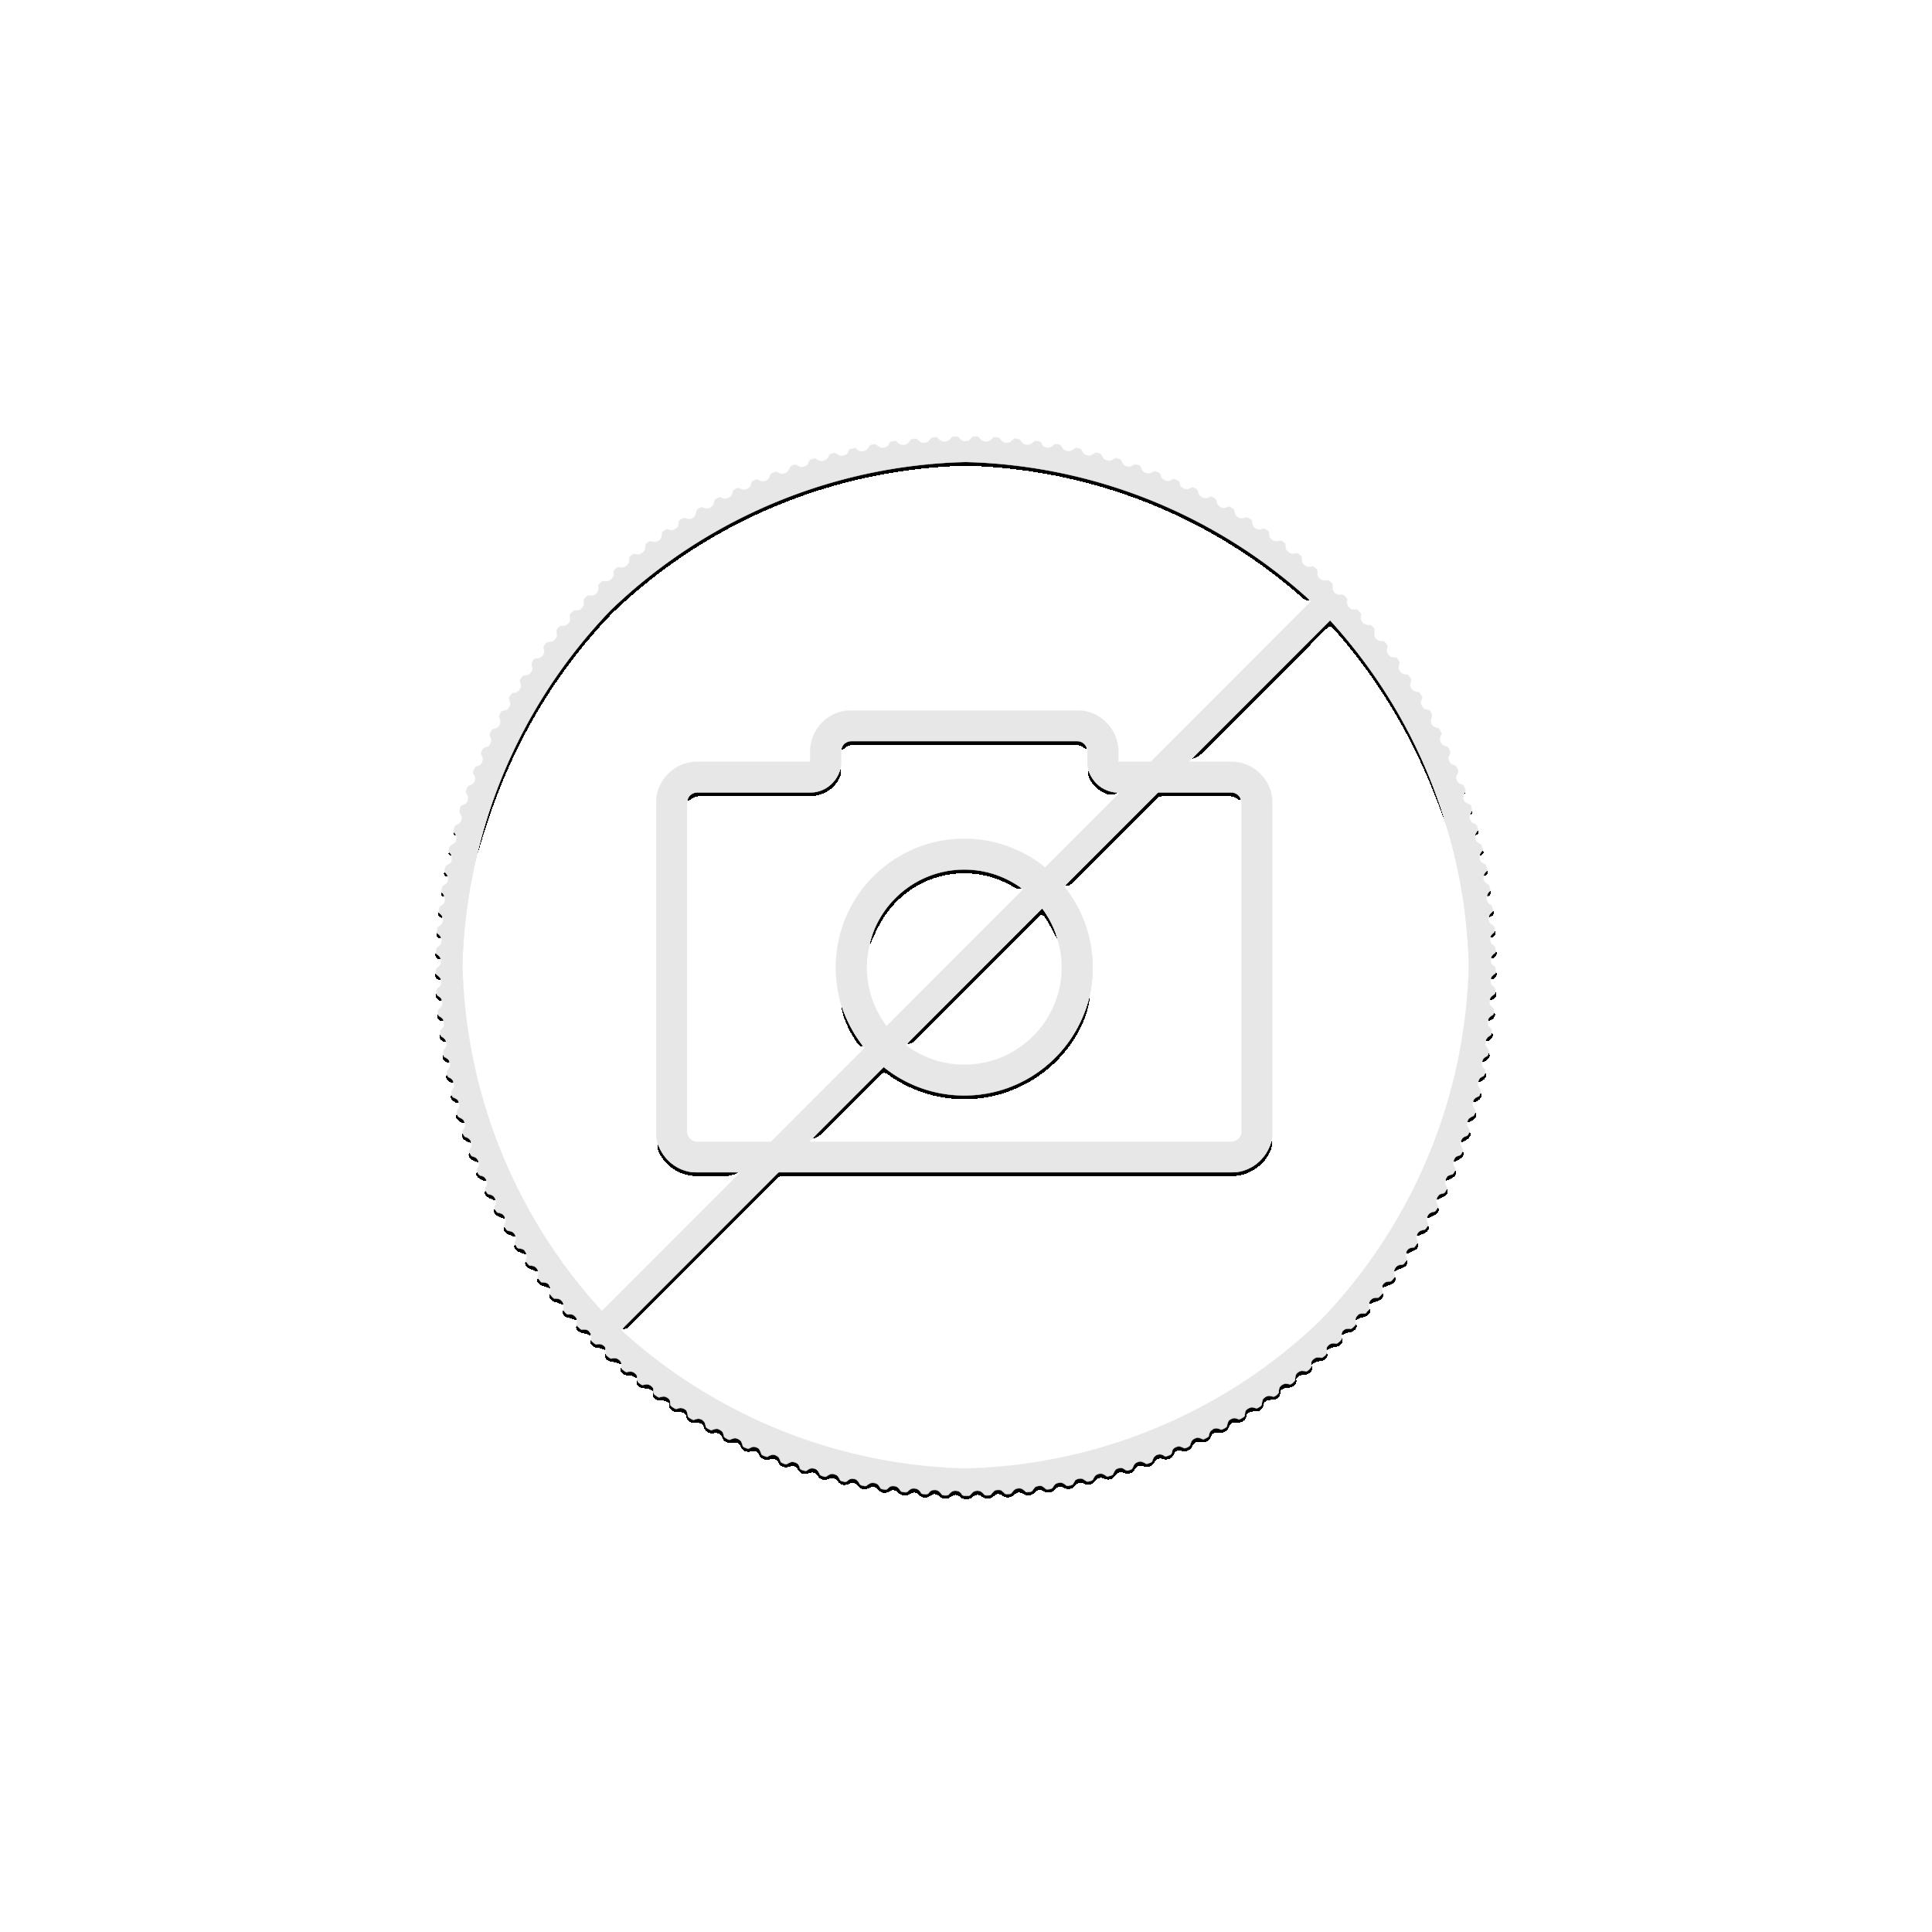 1/4 Troy ounce gold coin Lunar 2019